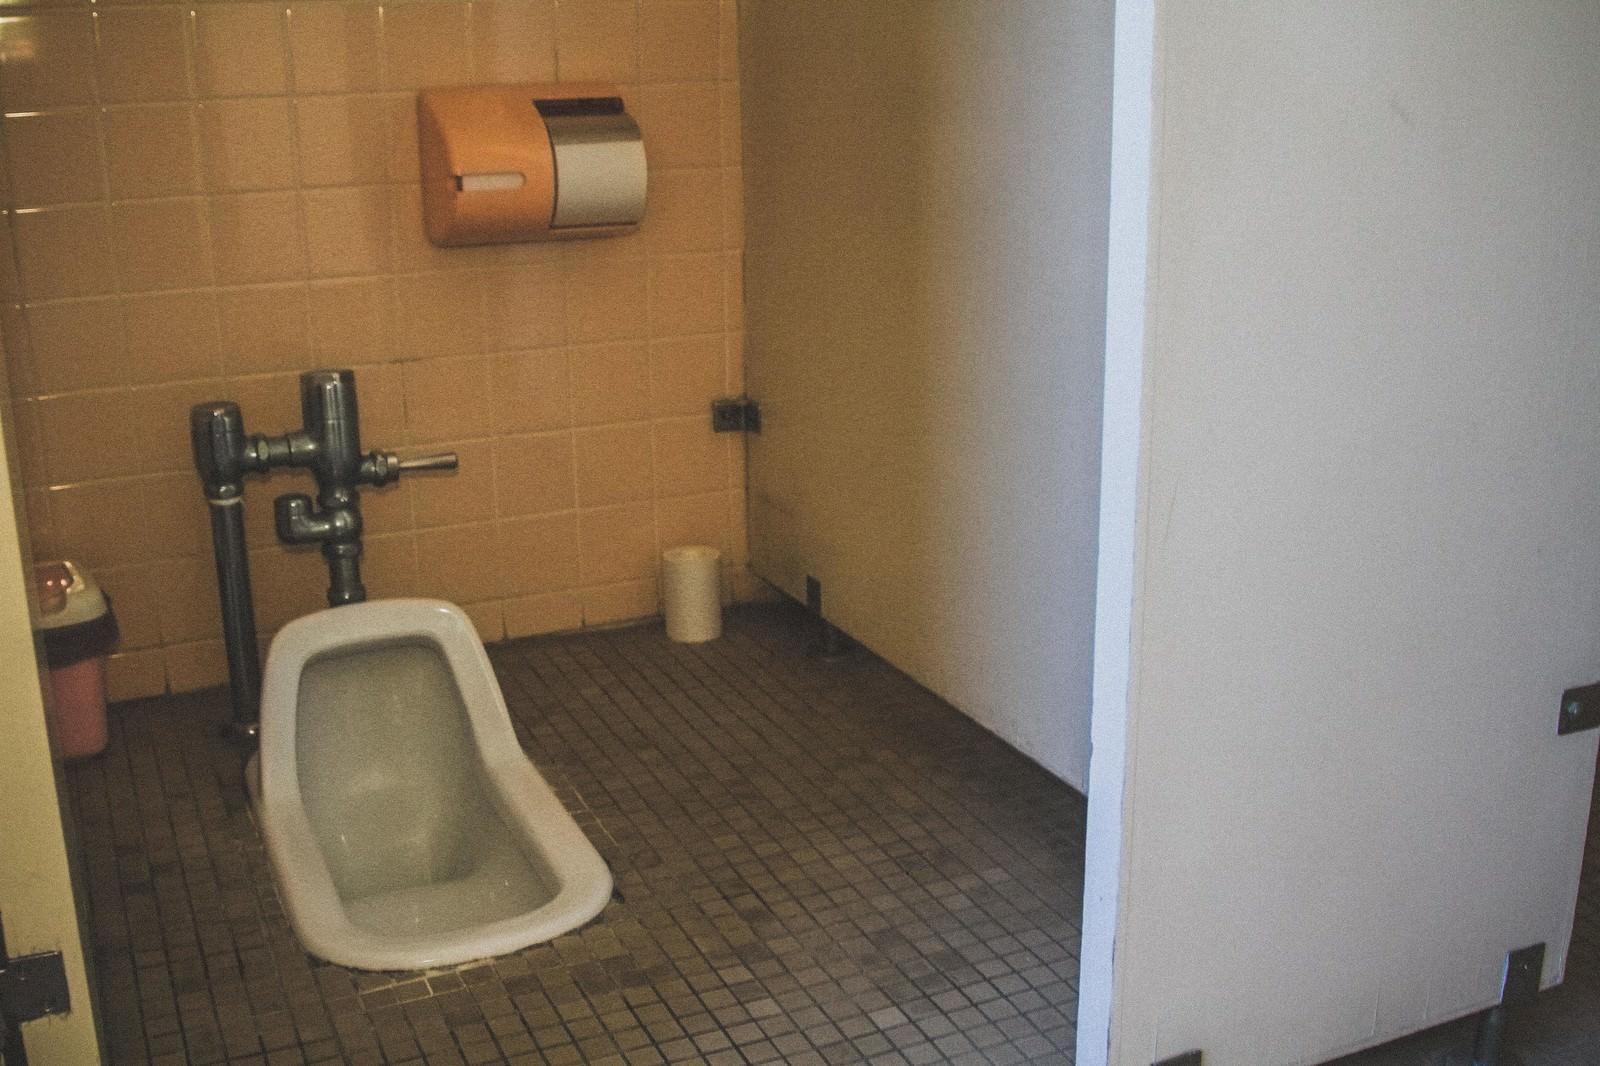 Boys Rooms 不気味な和式トイレ|ぱくたそフリー素材